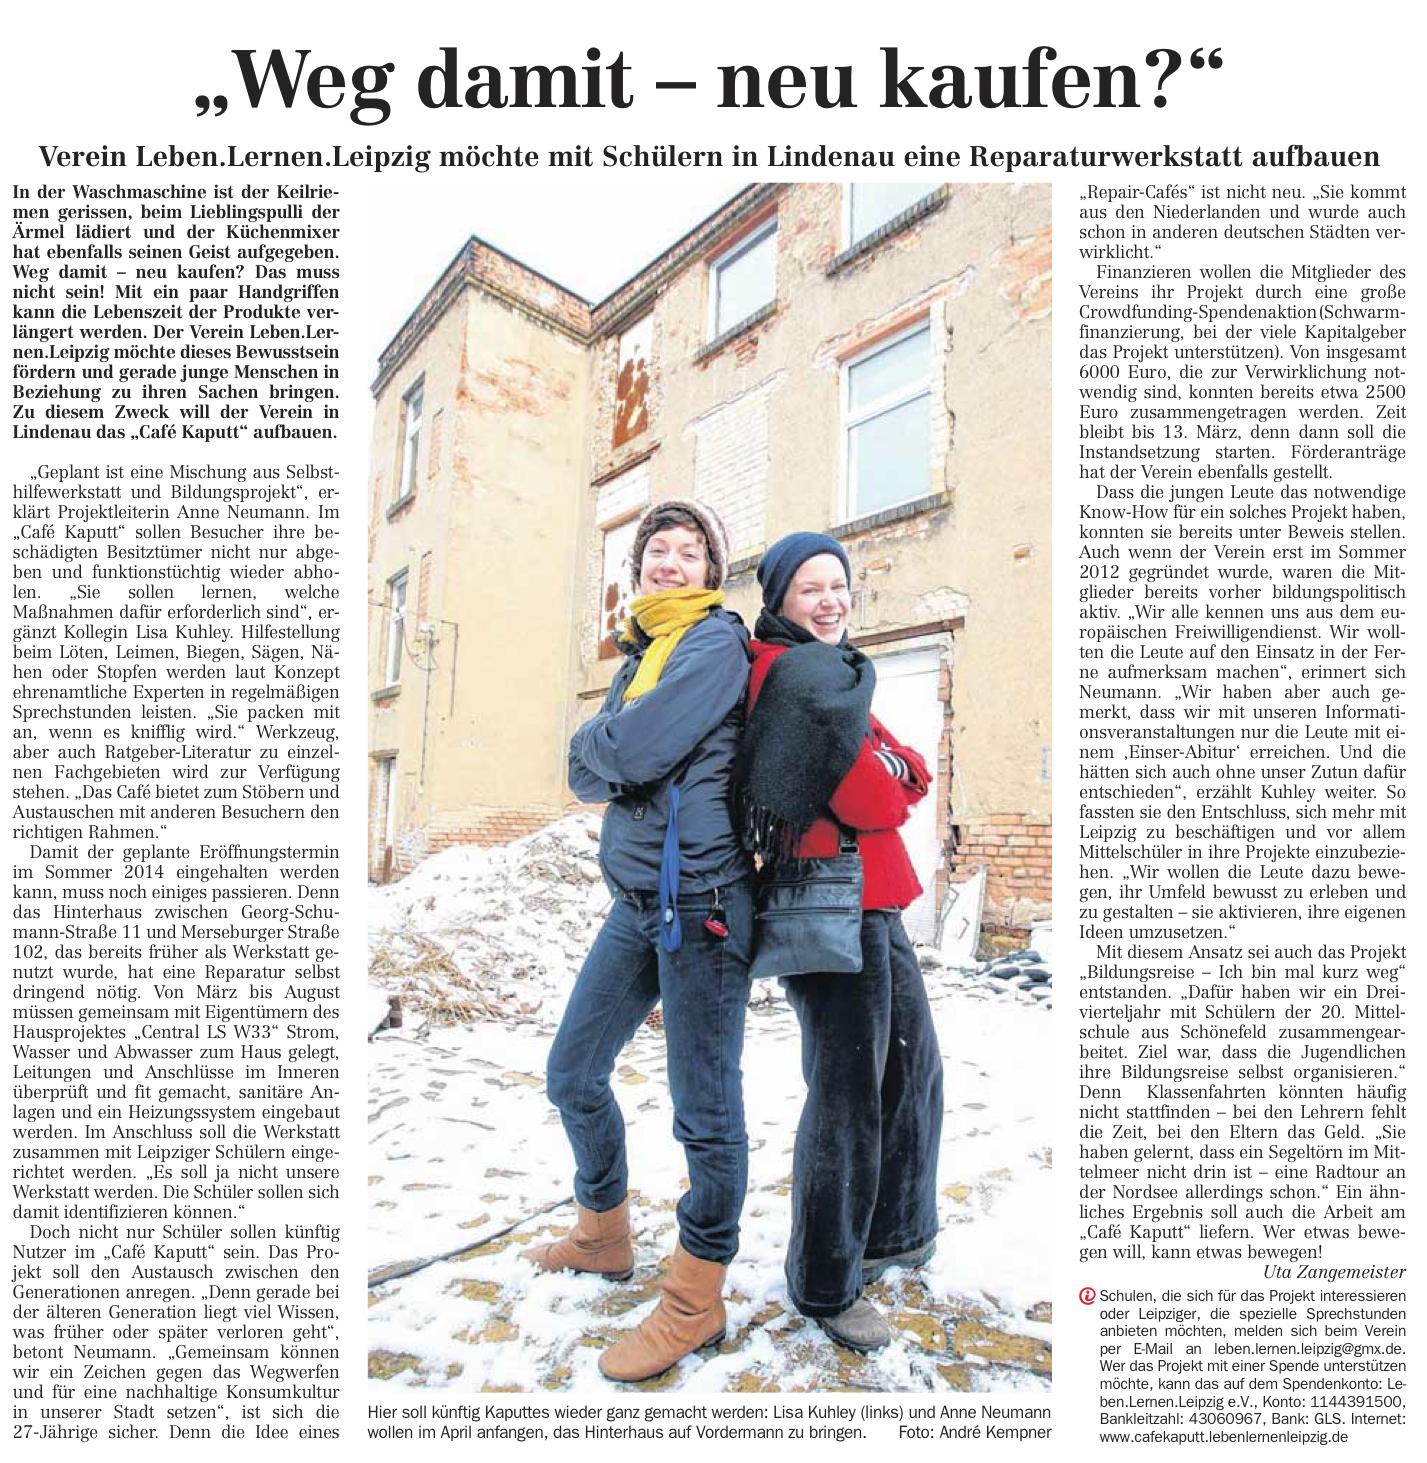 LVZ Stadt 18.02.2013, Seite 16